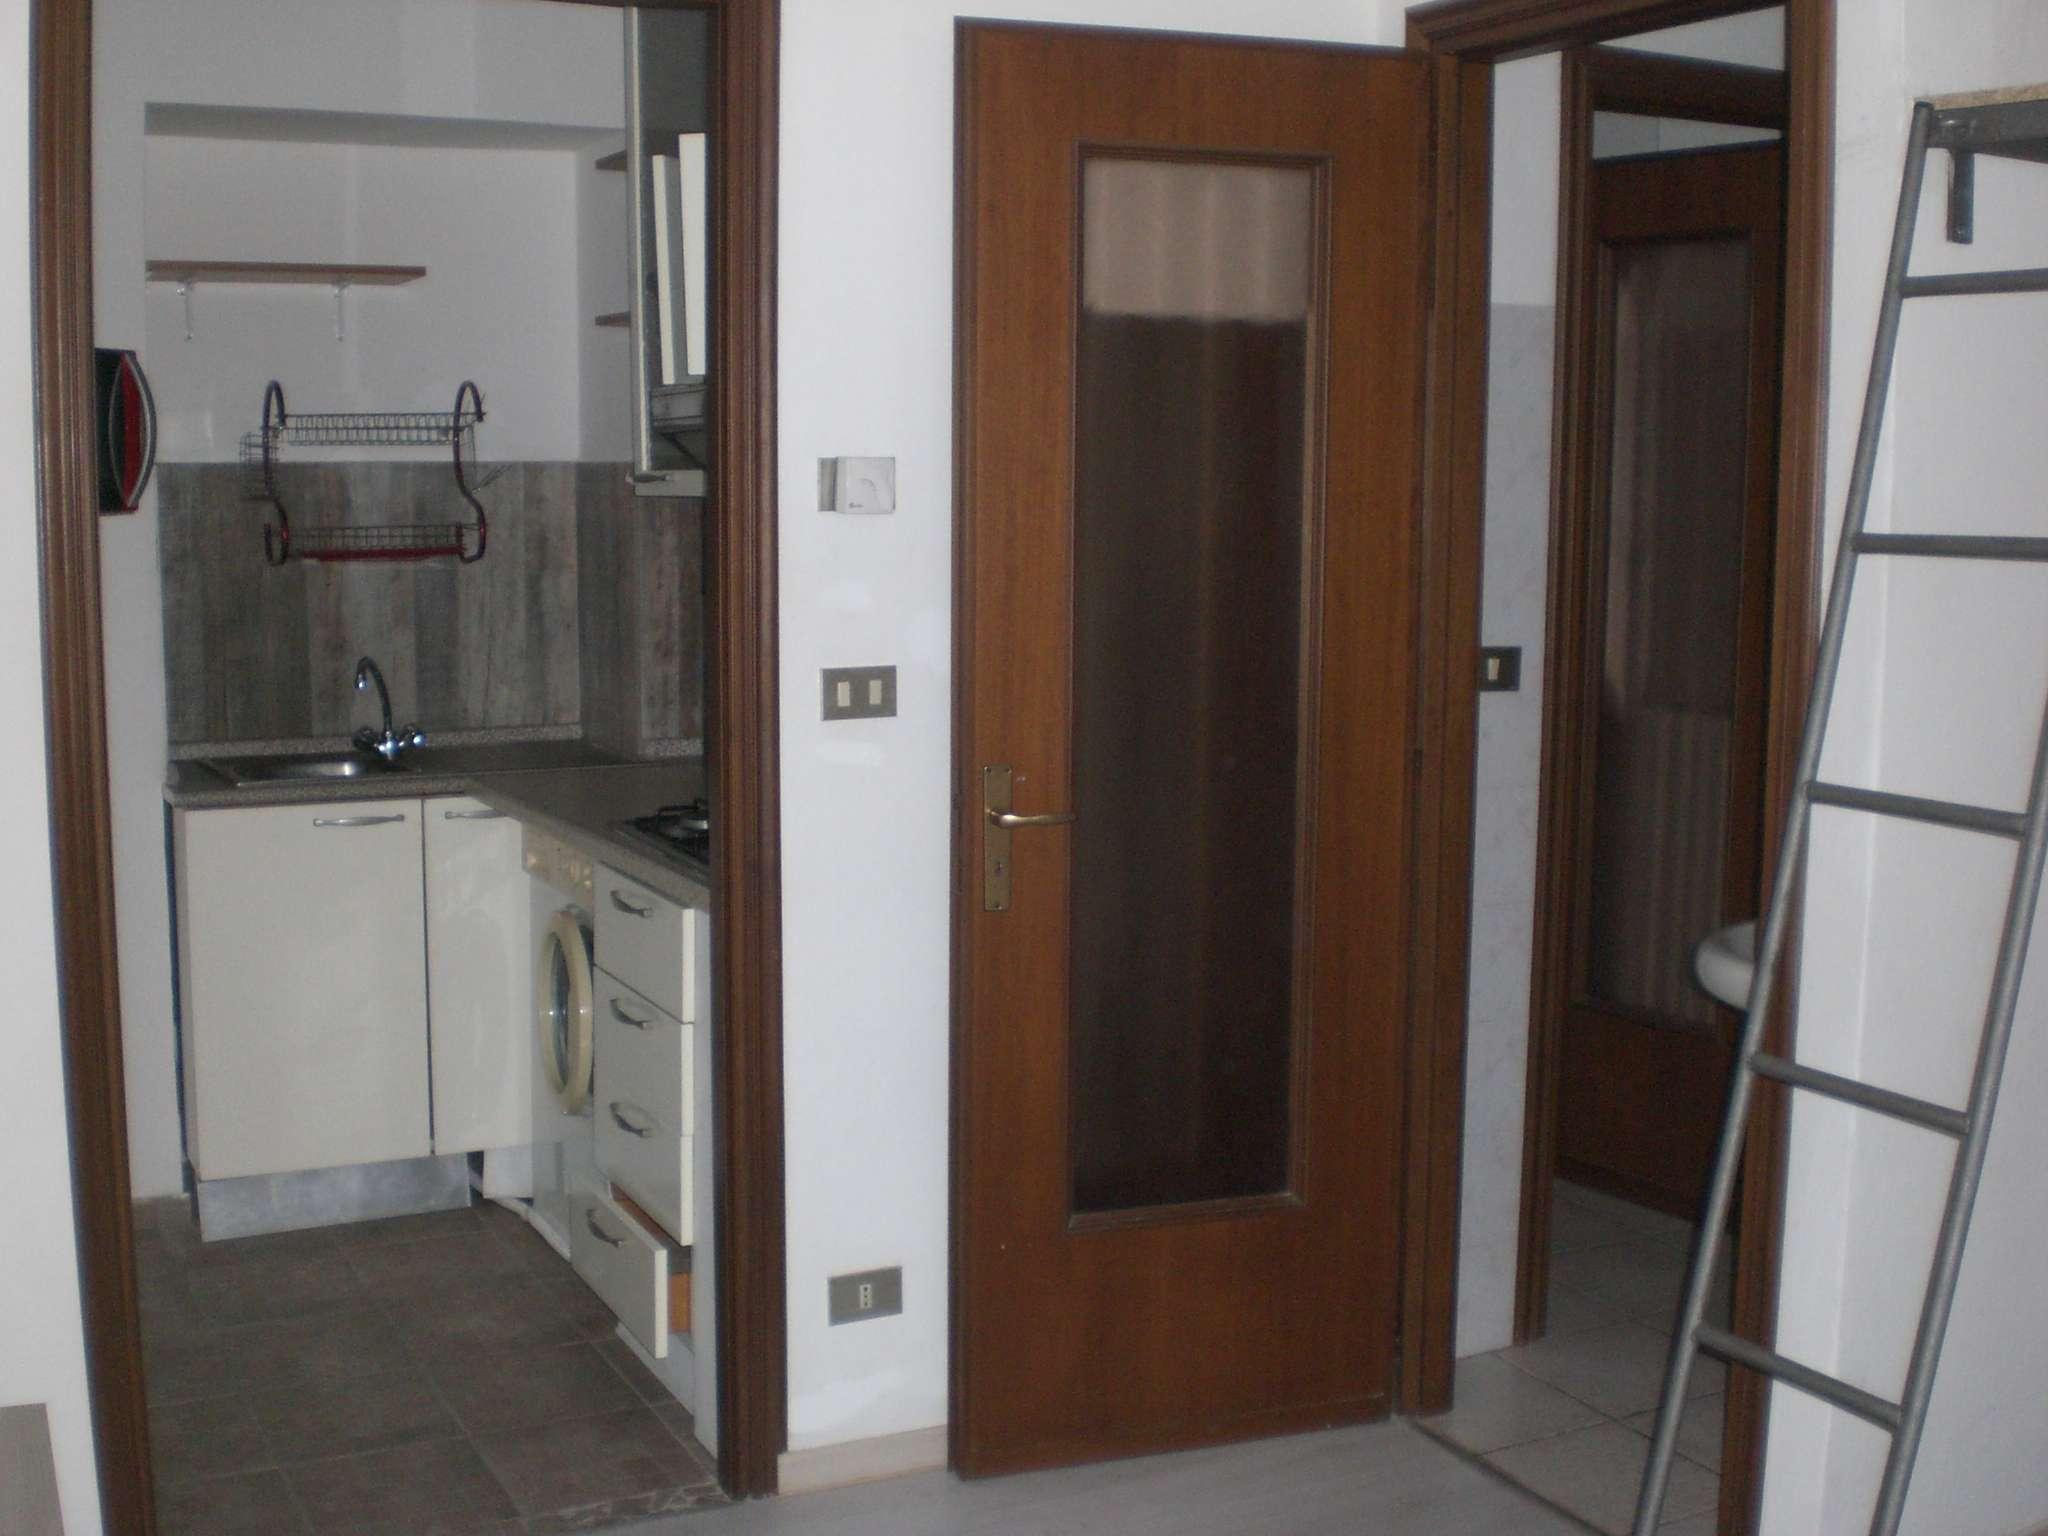 Appartamento in vendita a Bussoleno, 4 locali, prezzo € 49.000 | PortaleAgenzieImmobiliari.it